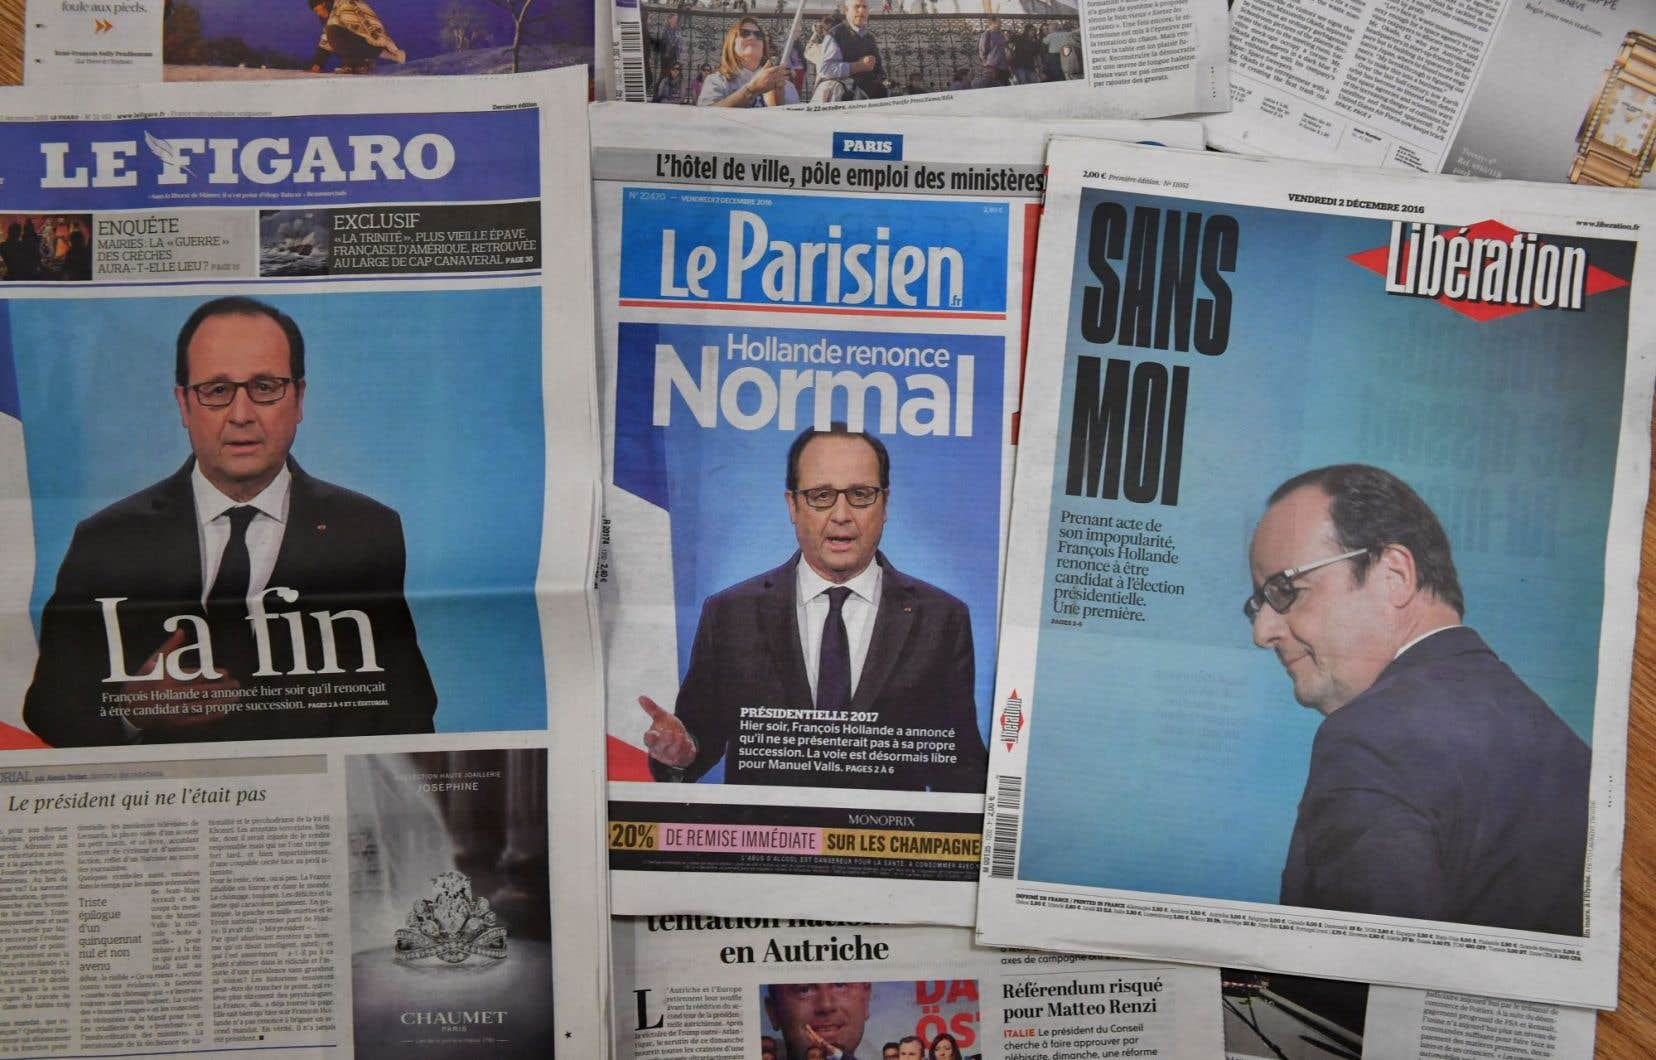 Le quotidien «Le Parisien» a annoncé mardi qu'il ne publierait plus de sondages, très critiqués pour avoir échoué à prédire les récents bouleversements politiques.